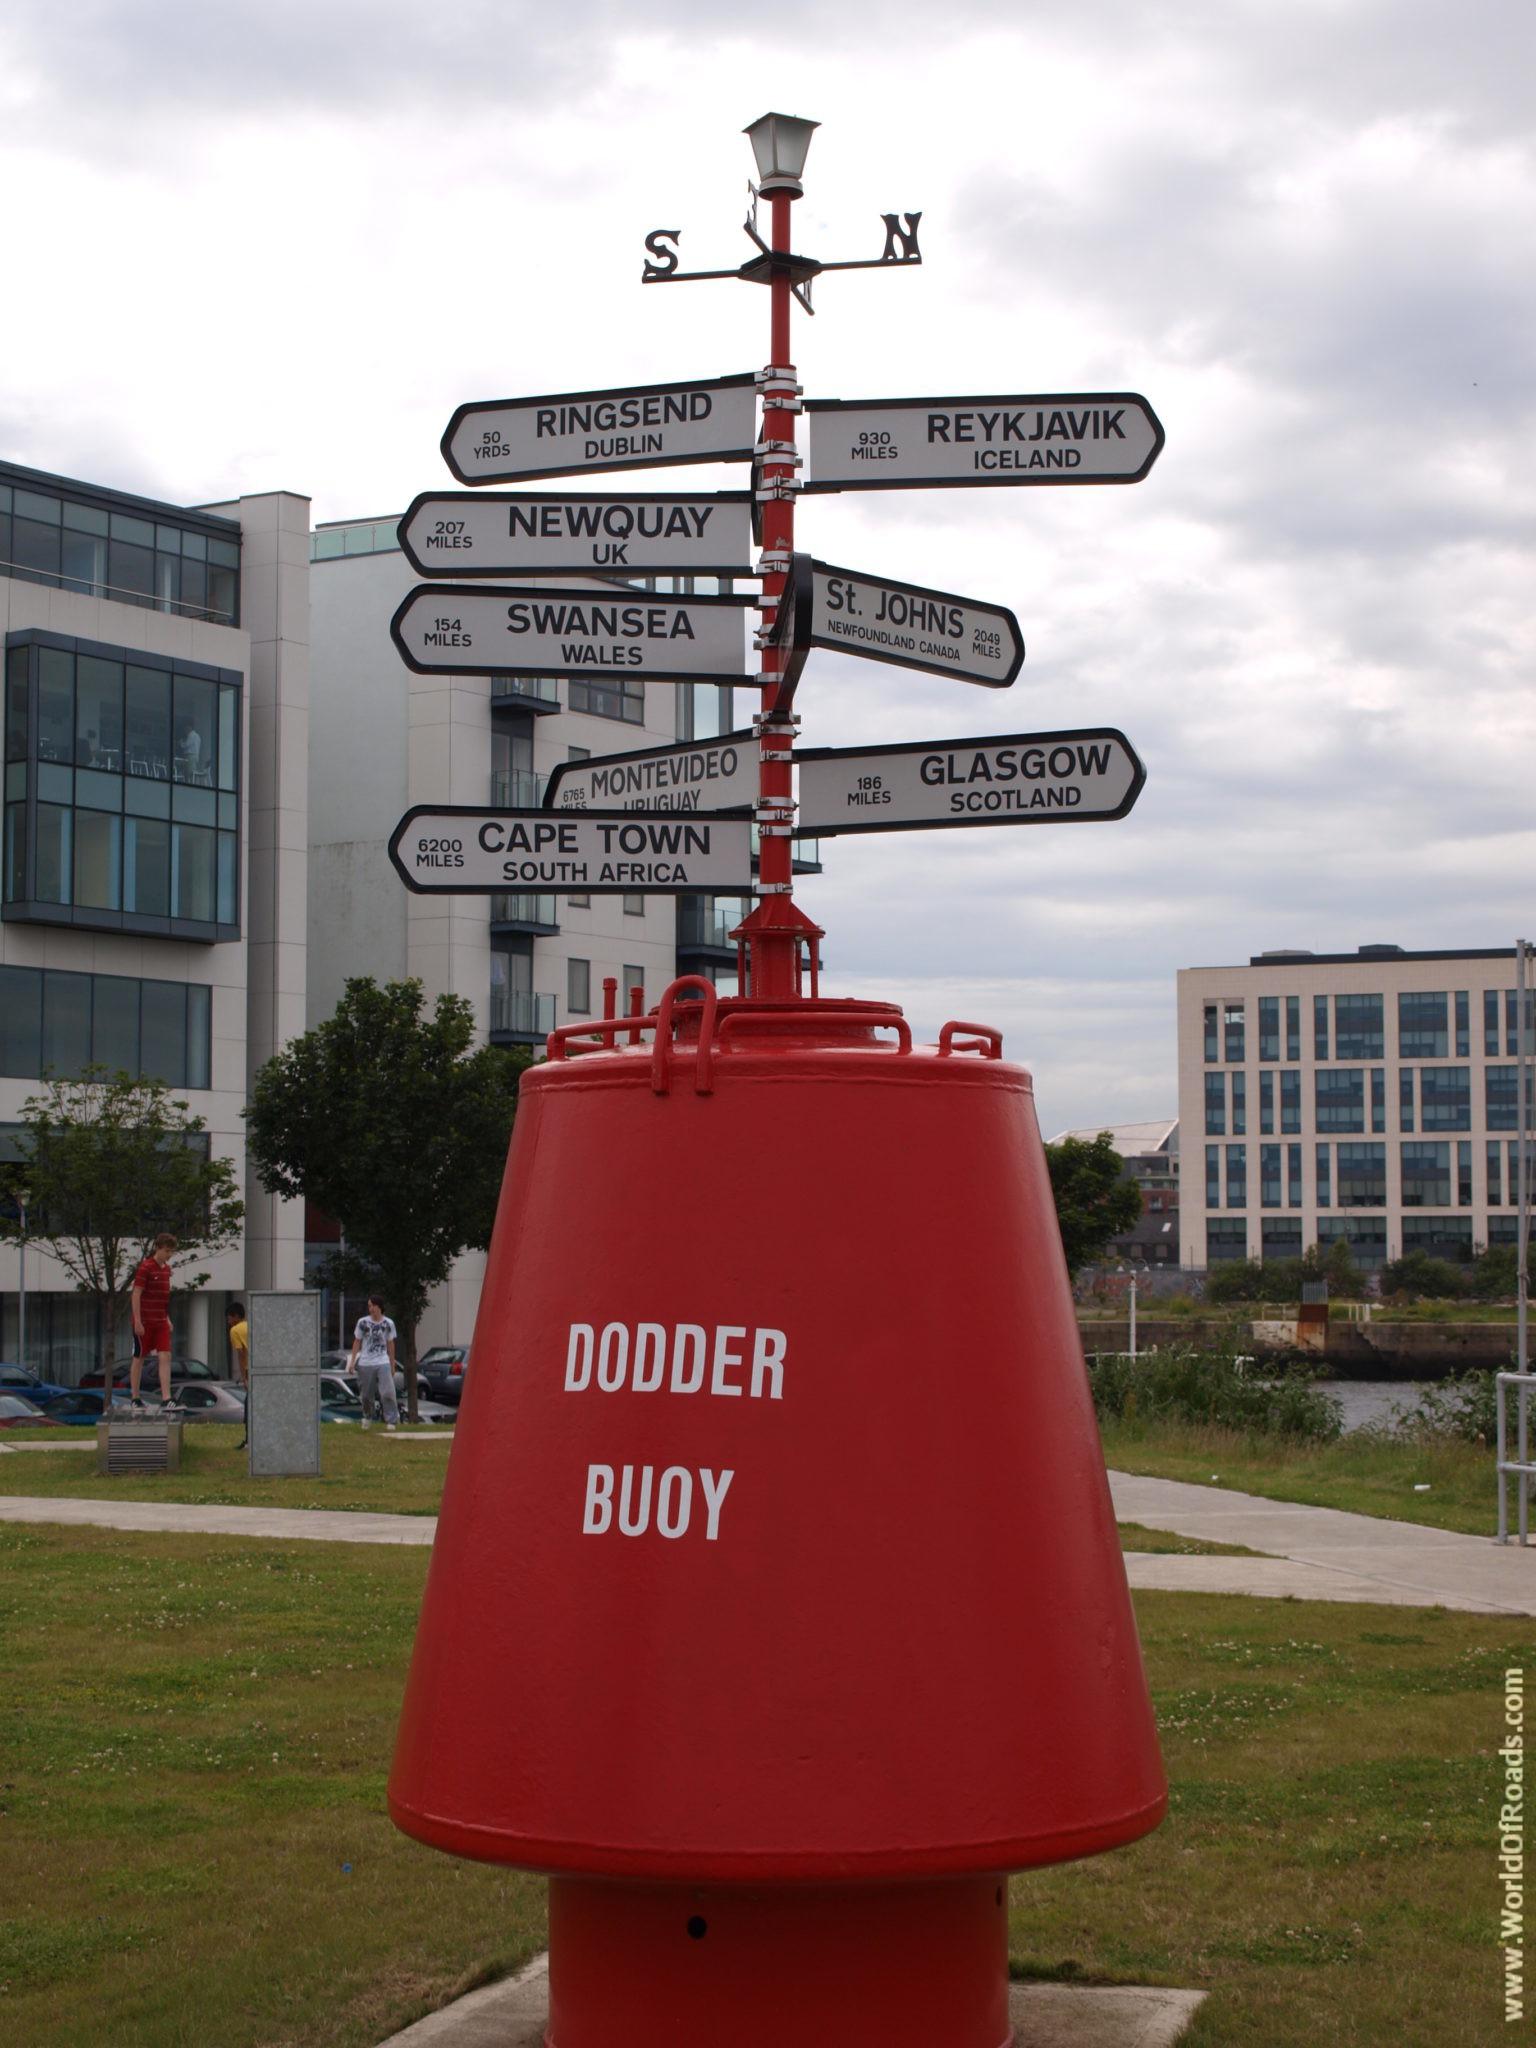 Dodder Buoy. Ирландия.